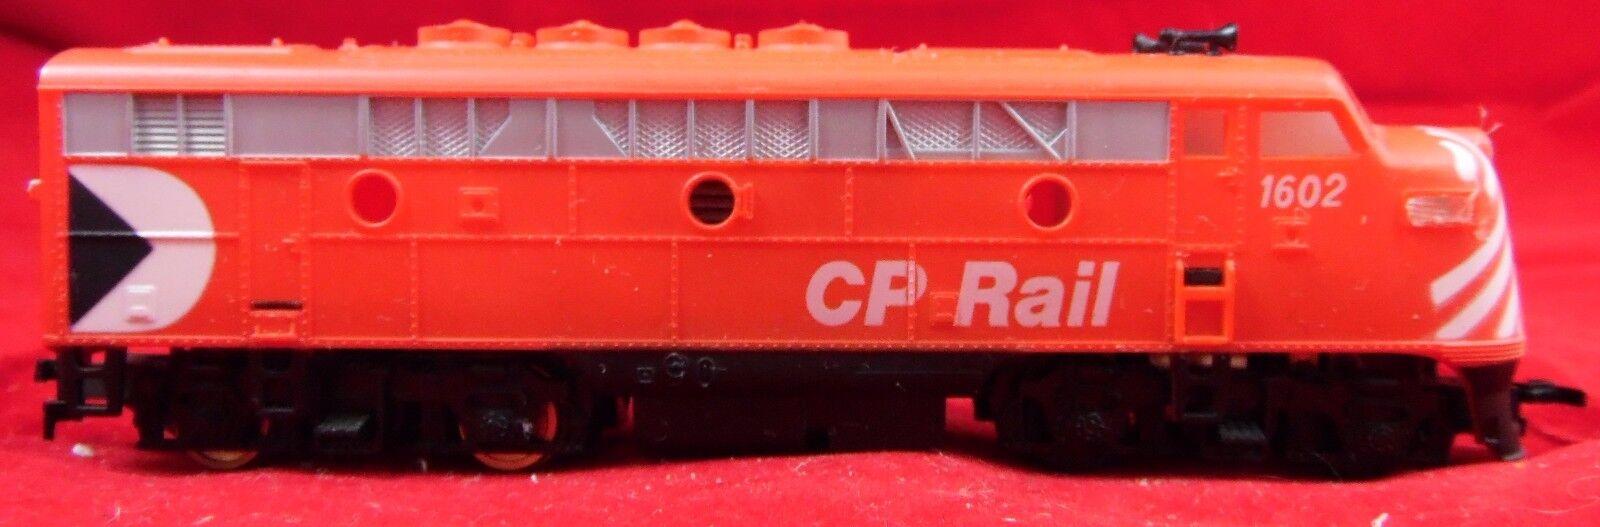 Escala HO locomotora de tren Cp Rail 1602 Motor Coche Vintage probado y se ejecuta